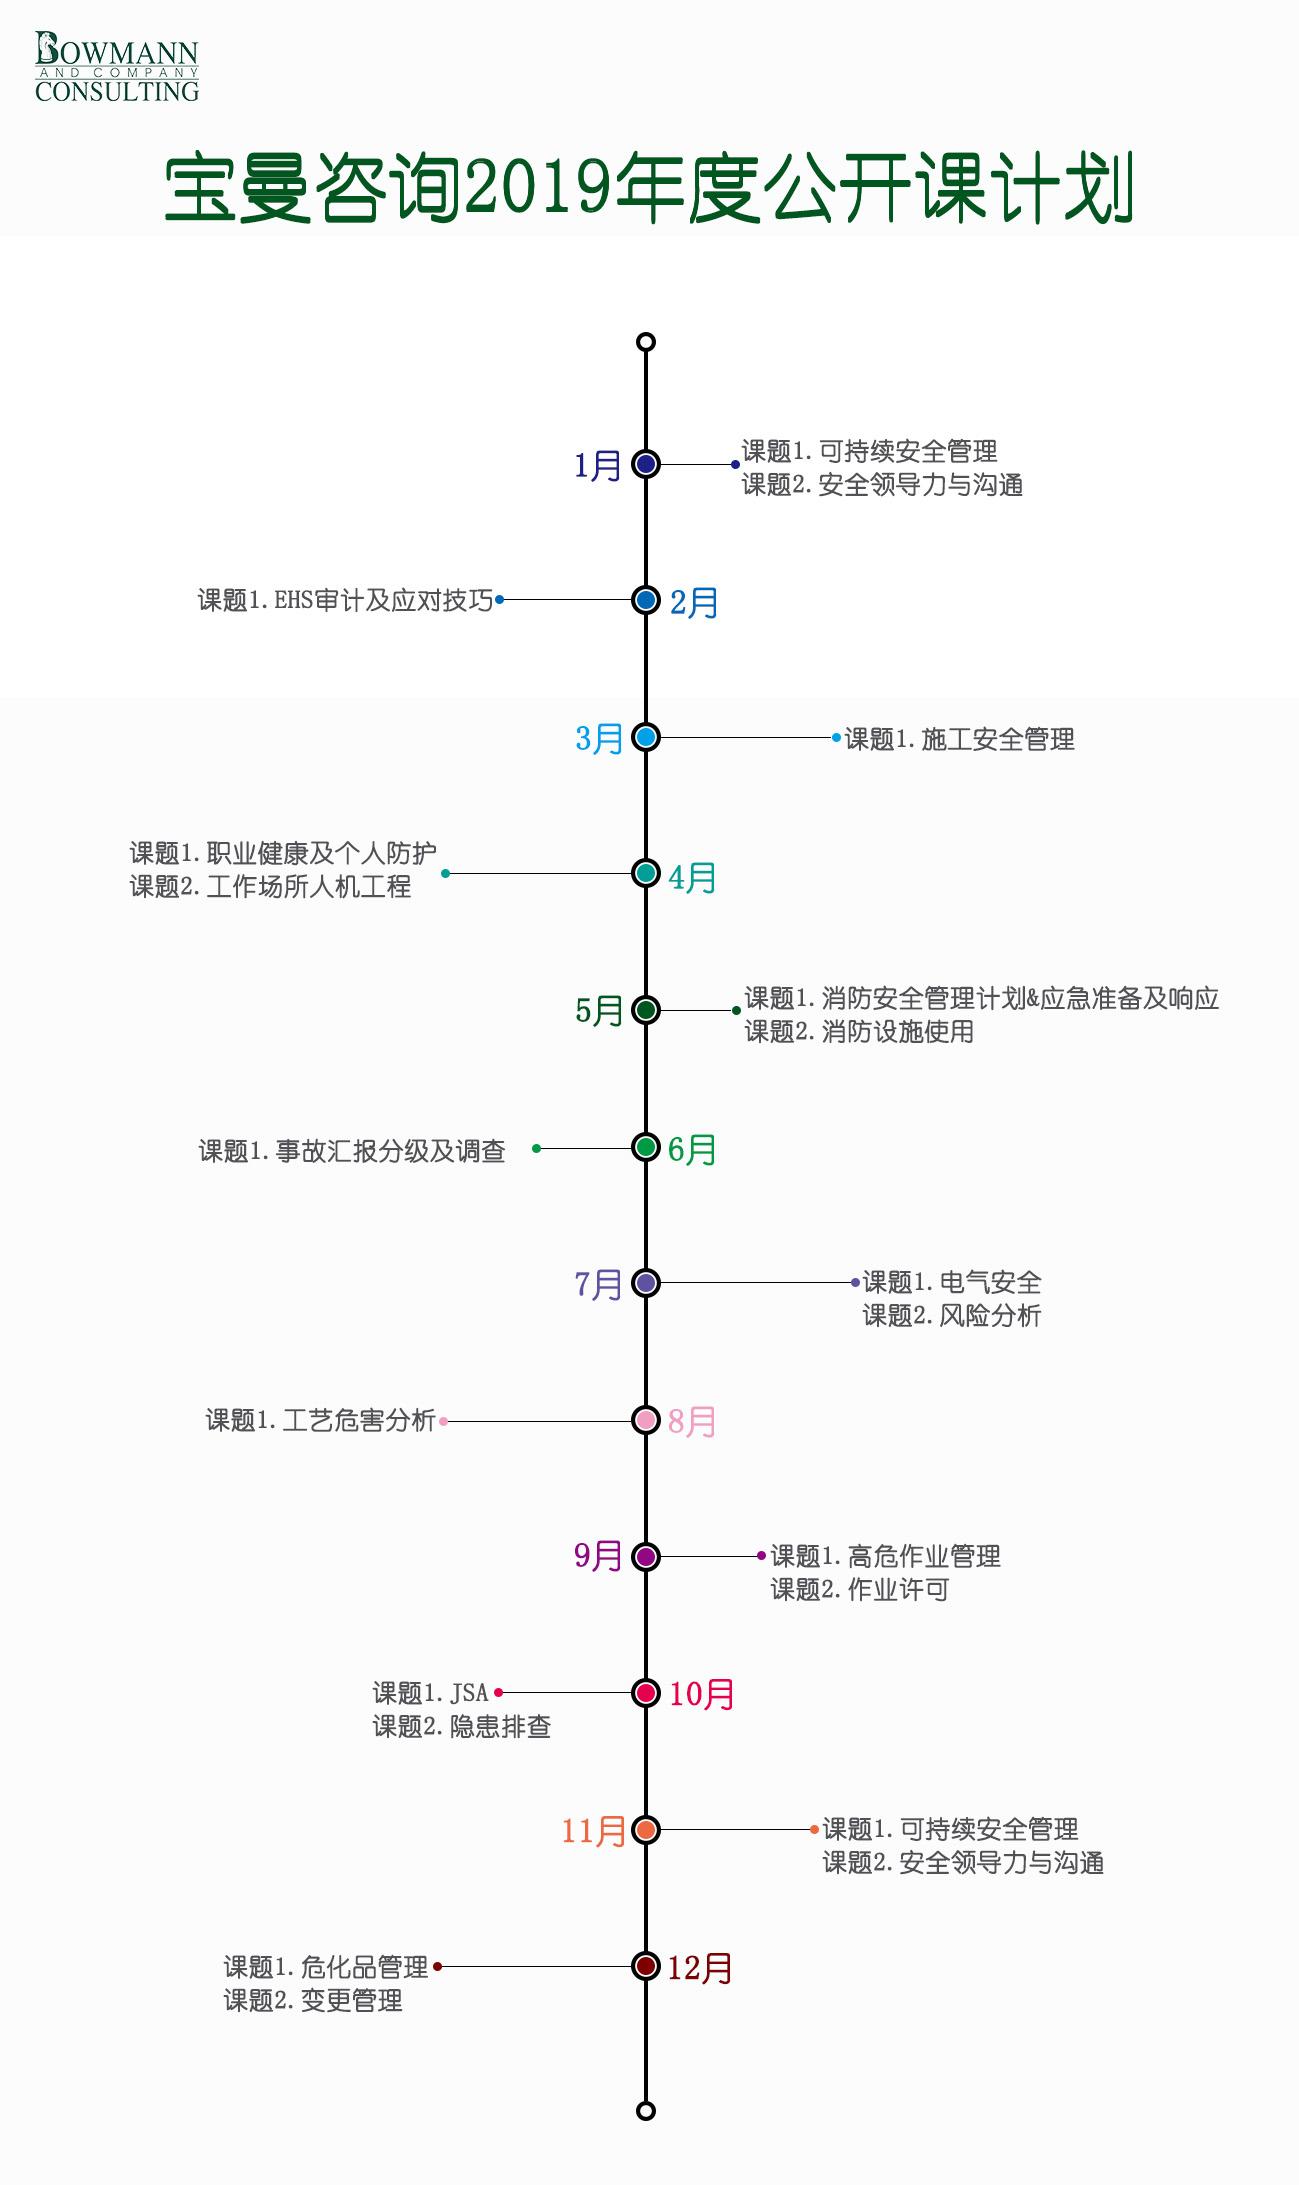 宝曼咨询7月公开课电气安全&风险分析25~26/7